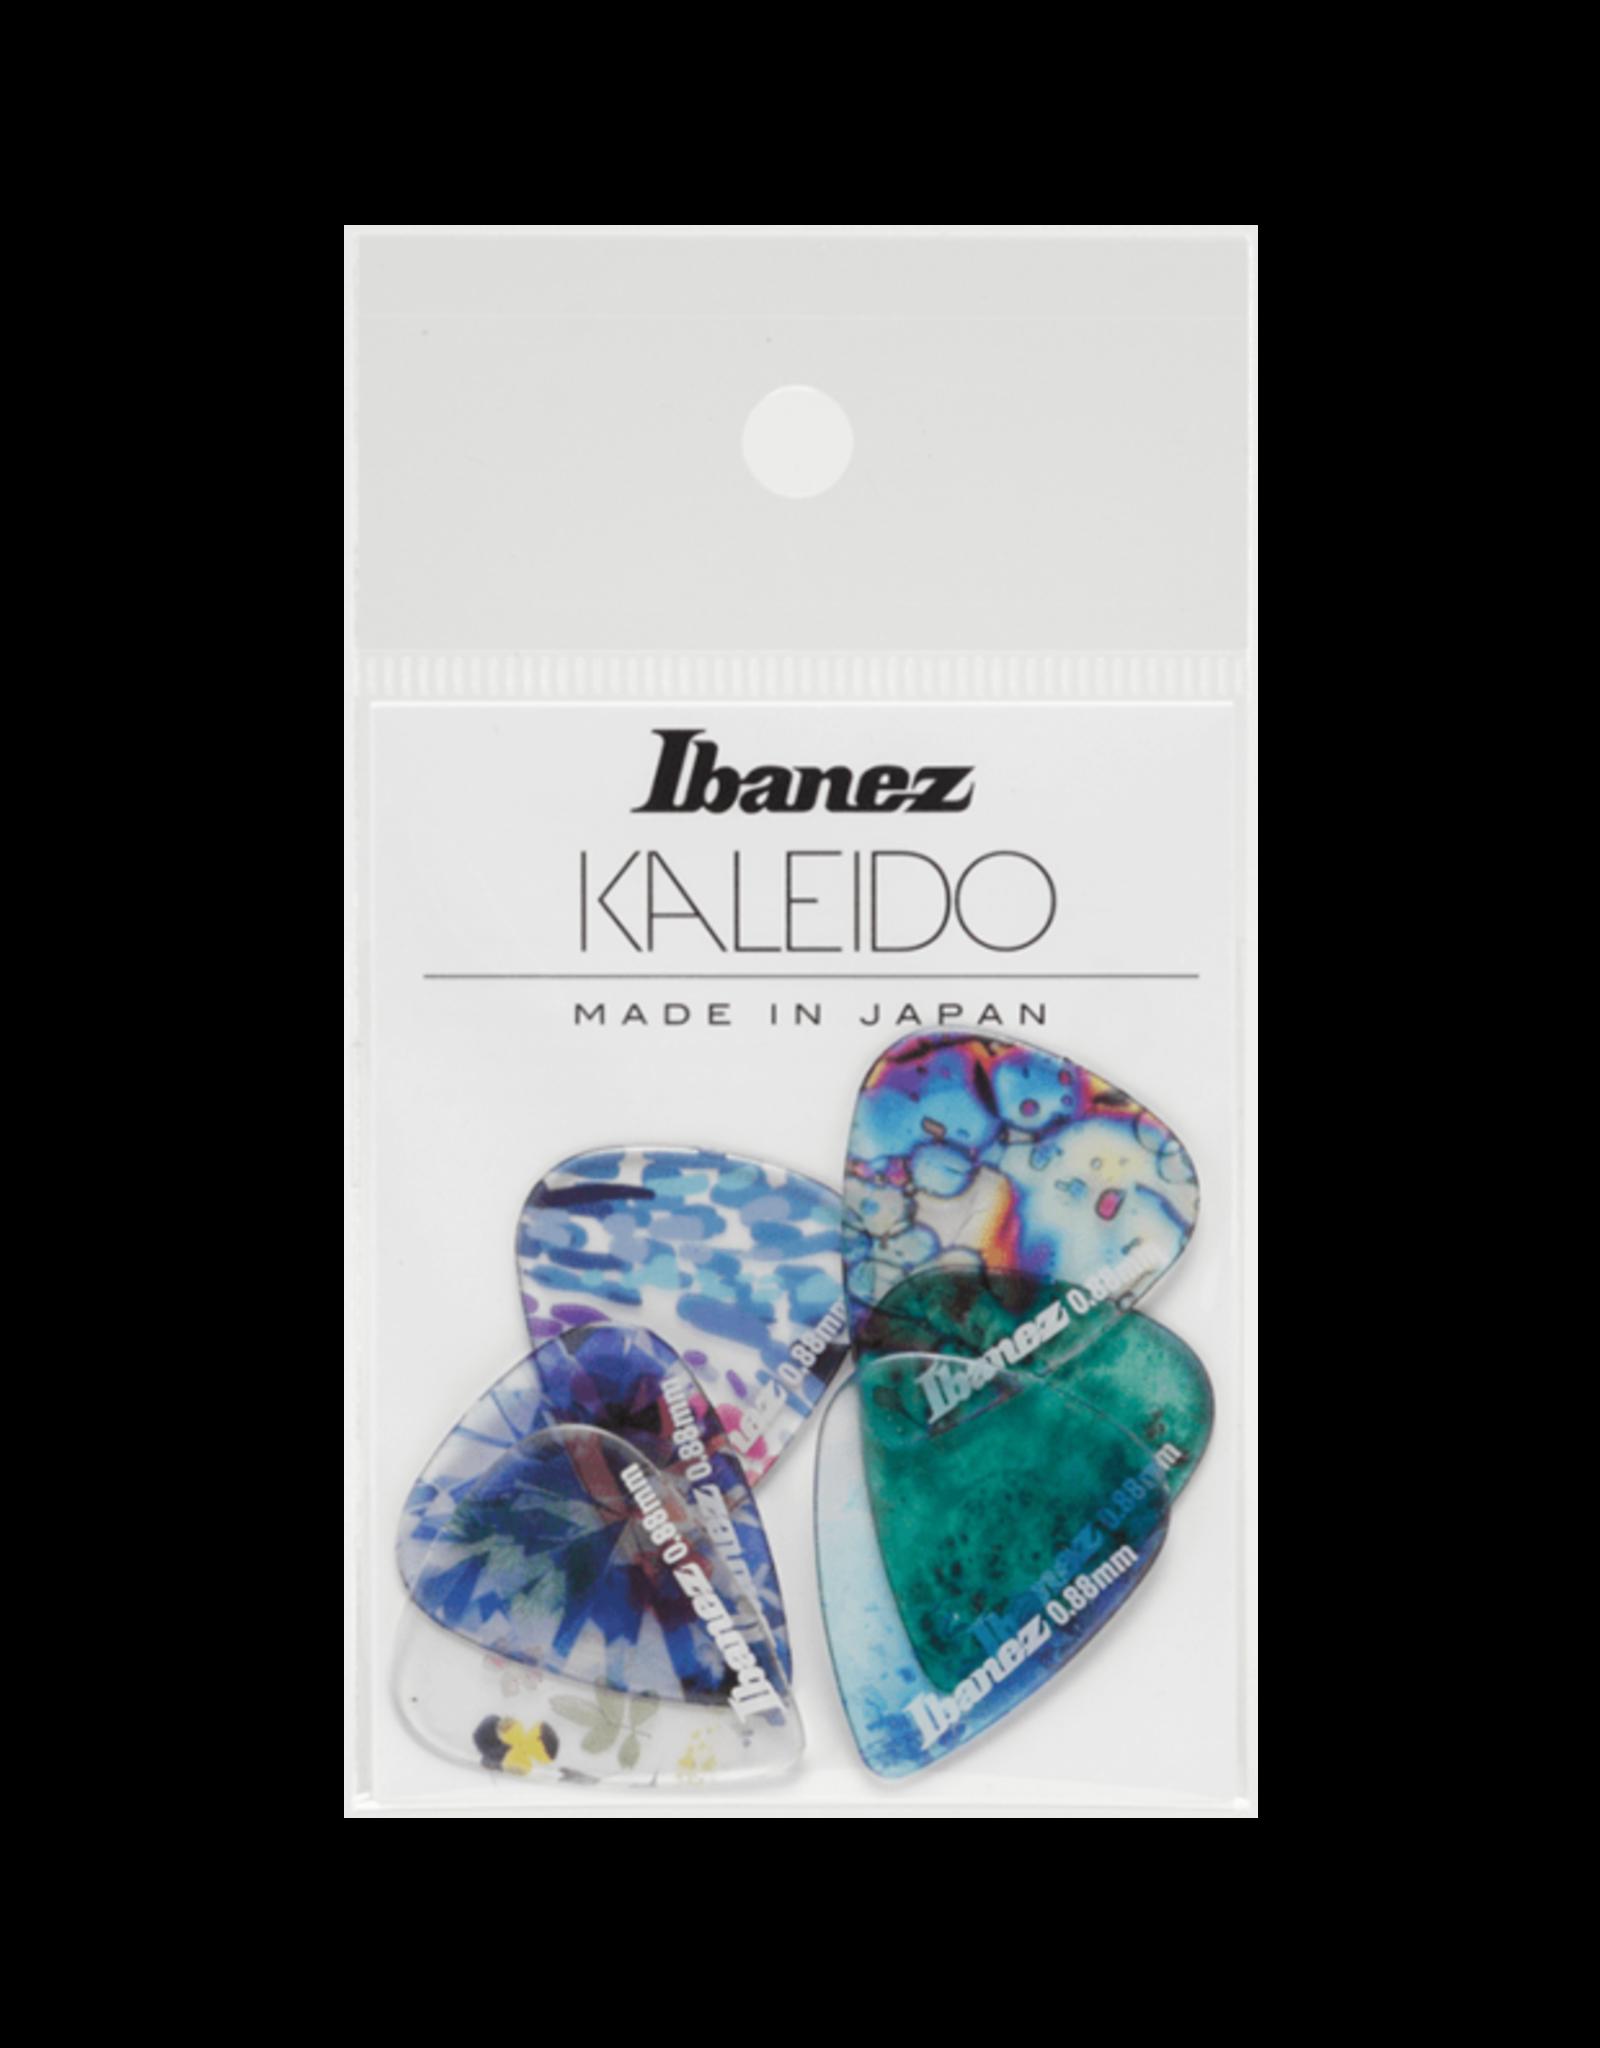 Ibanez Ibanez Kaleido Series Guitar Pick .88 Gauge 6 Pack